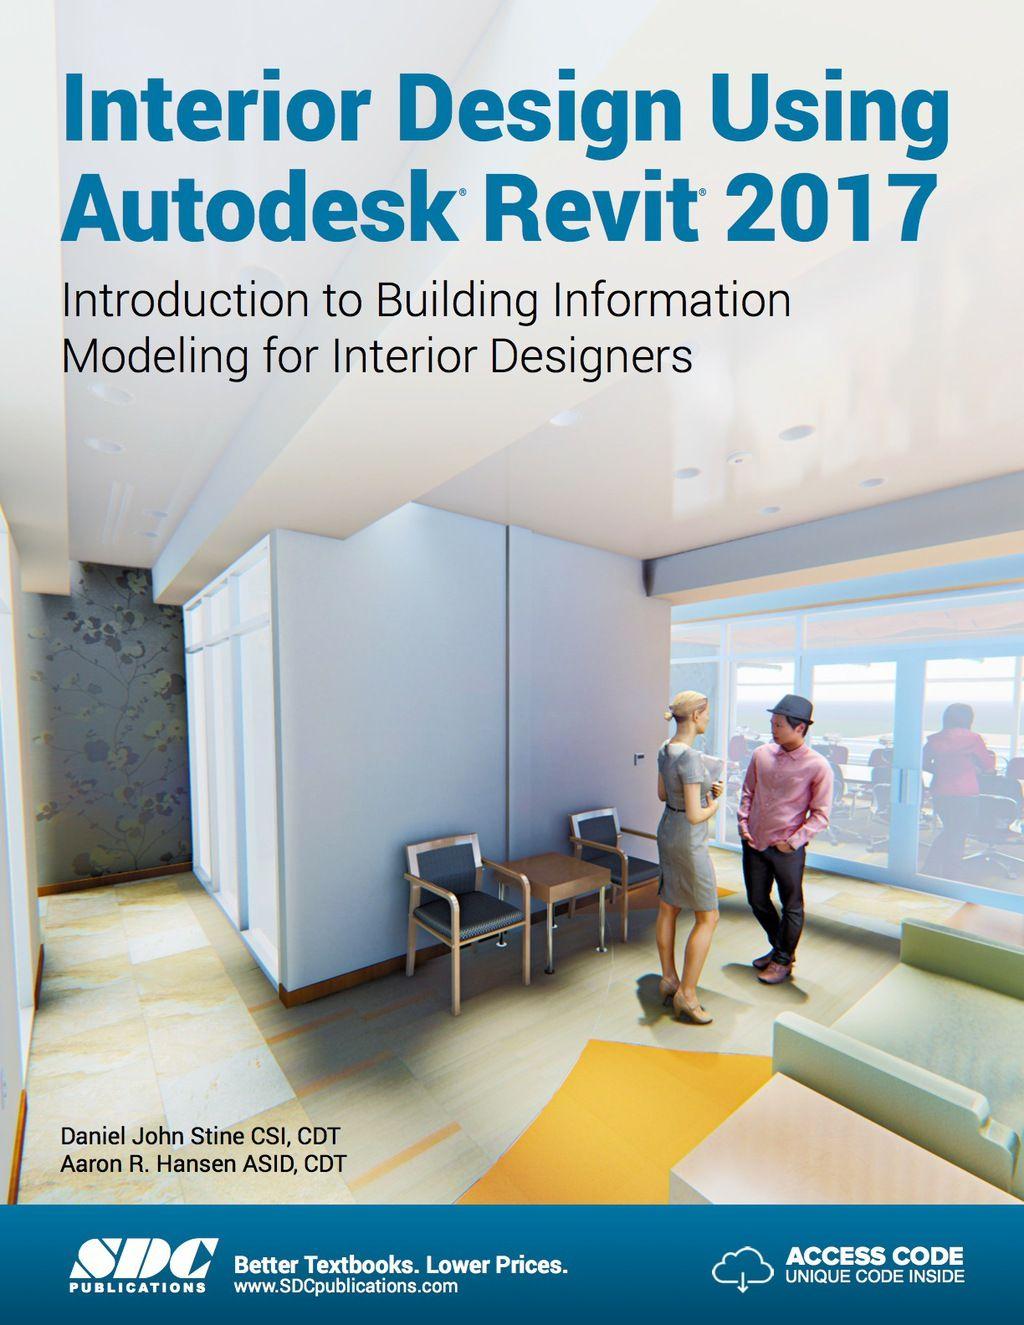 Interior Design Using Autodesk Revit 2017 (eBook+CourseWare